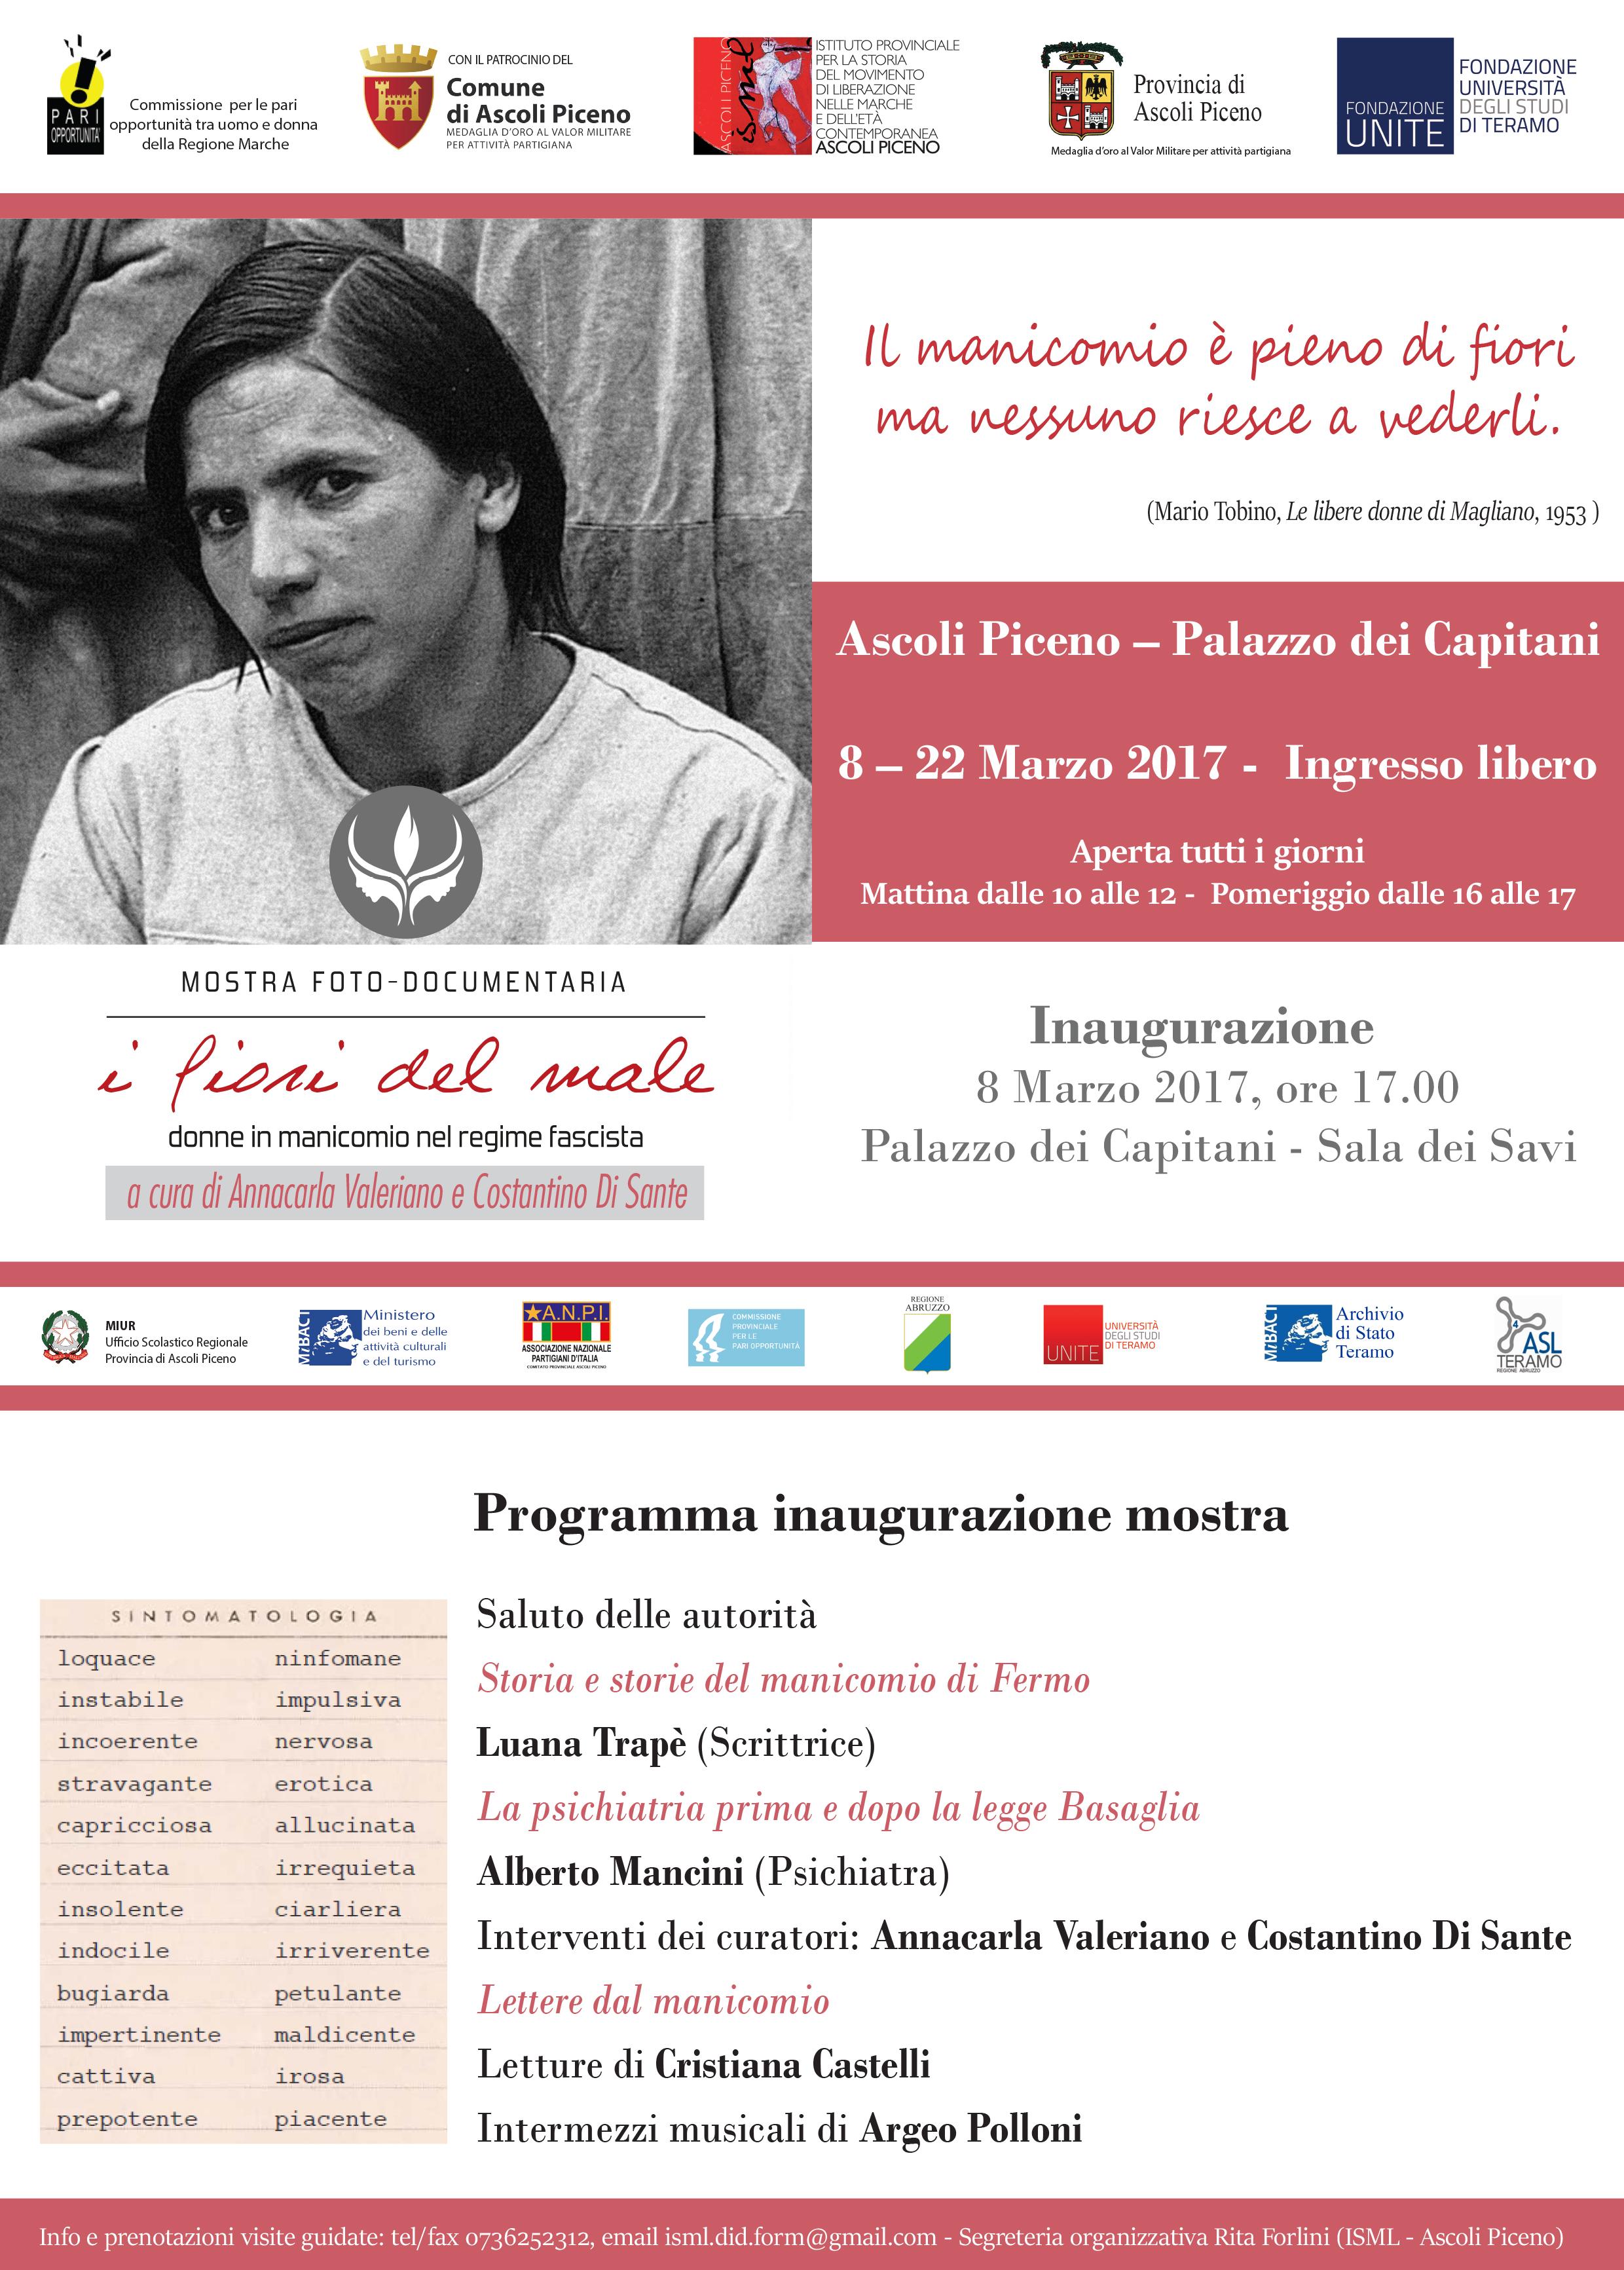 Manifesto Ascoli Piceno